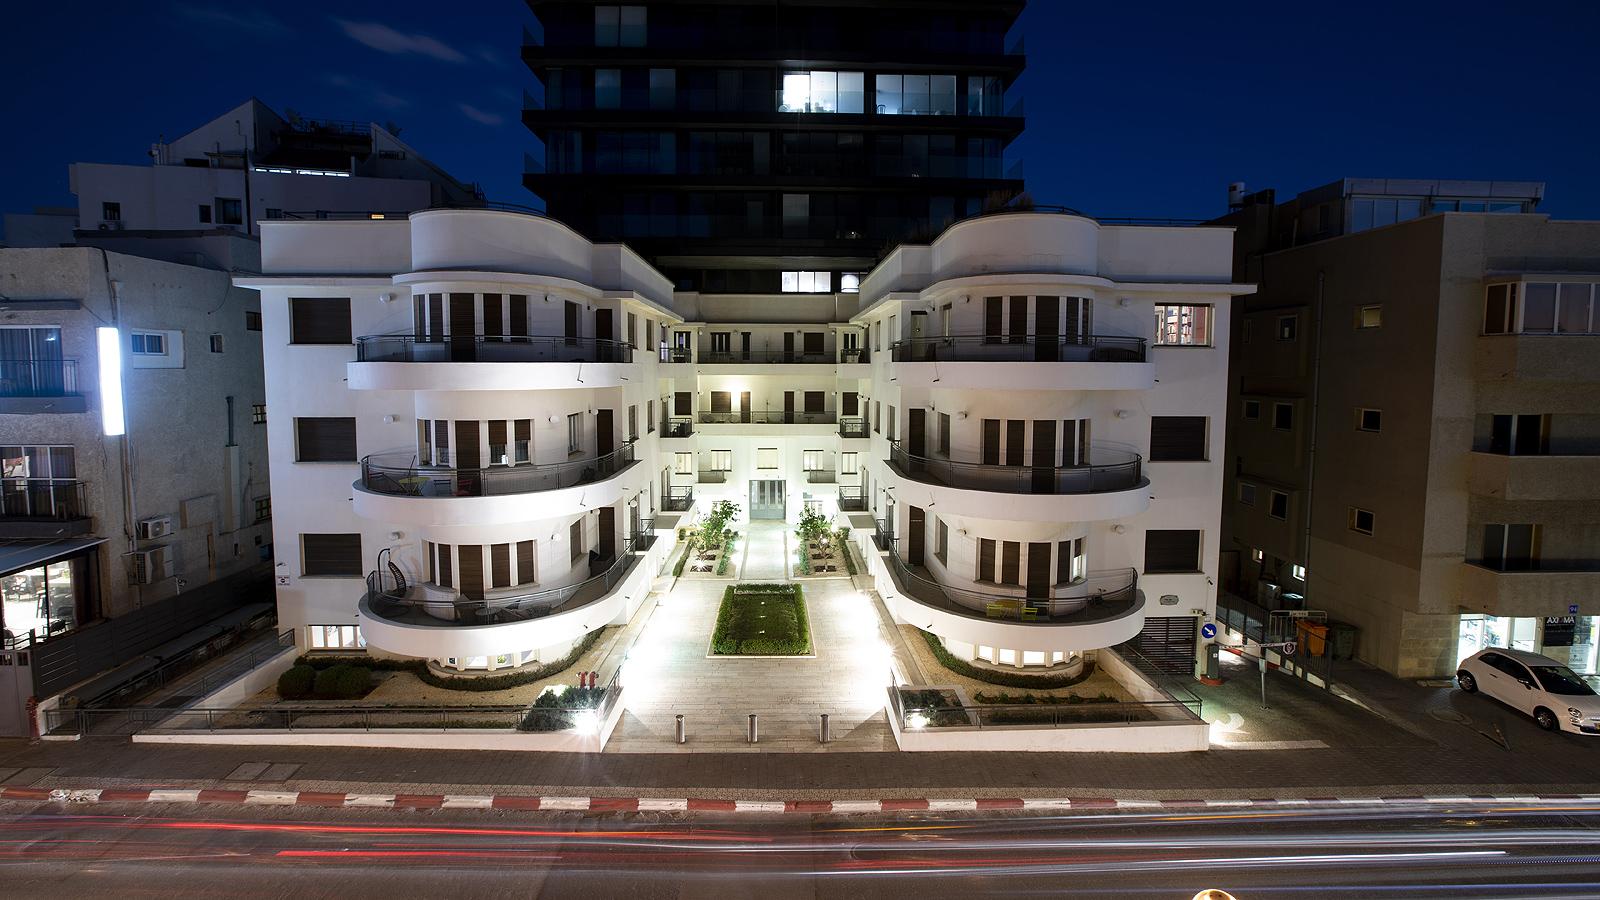 Сгушен по улиците на центъра на Тел Авив, стои модернистичен архитектурен скъпоценен камък, известен като Белия град: една от най-големите концентрации на около 4000 сгради, създадени в известния стил на Баухаус от 30-те години, чийто структури създават удивително впечатление за хоризонта на града. xxx